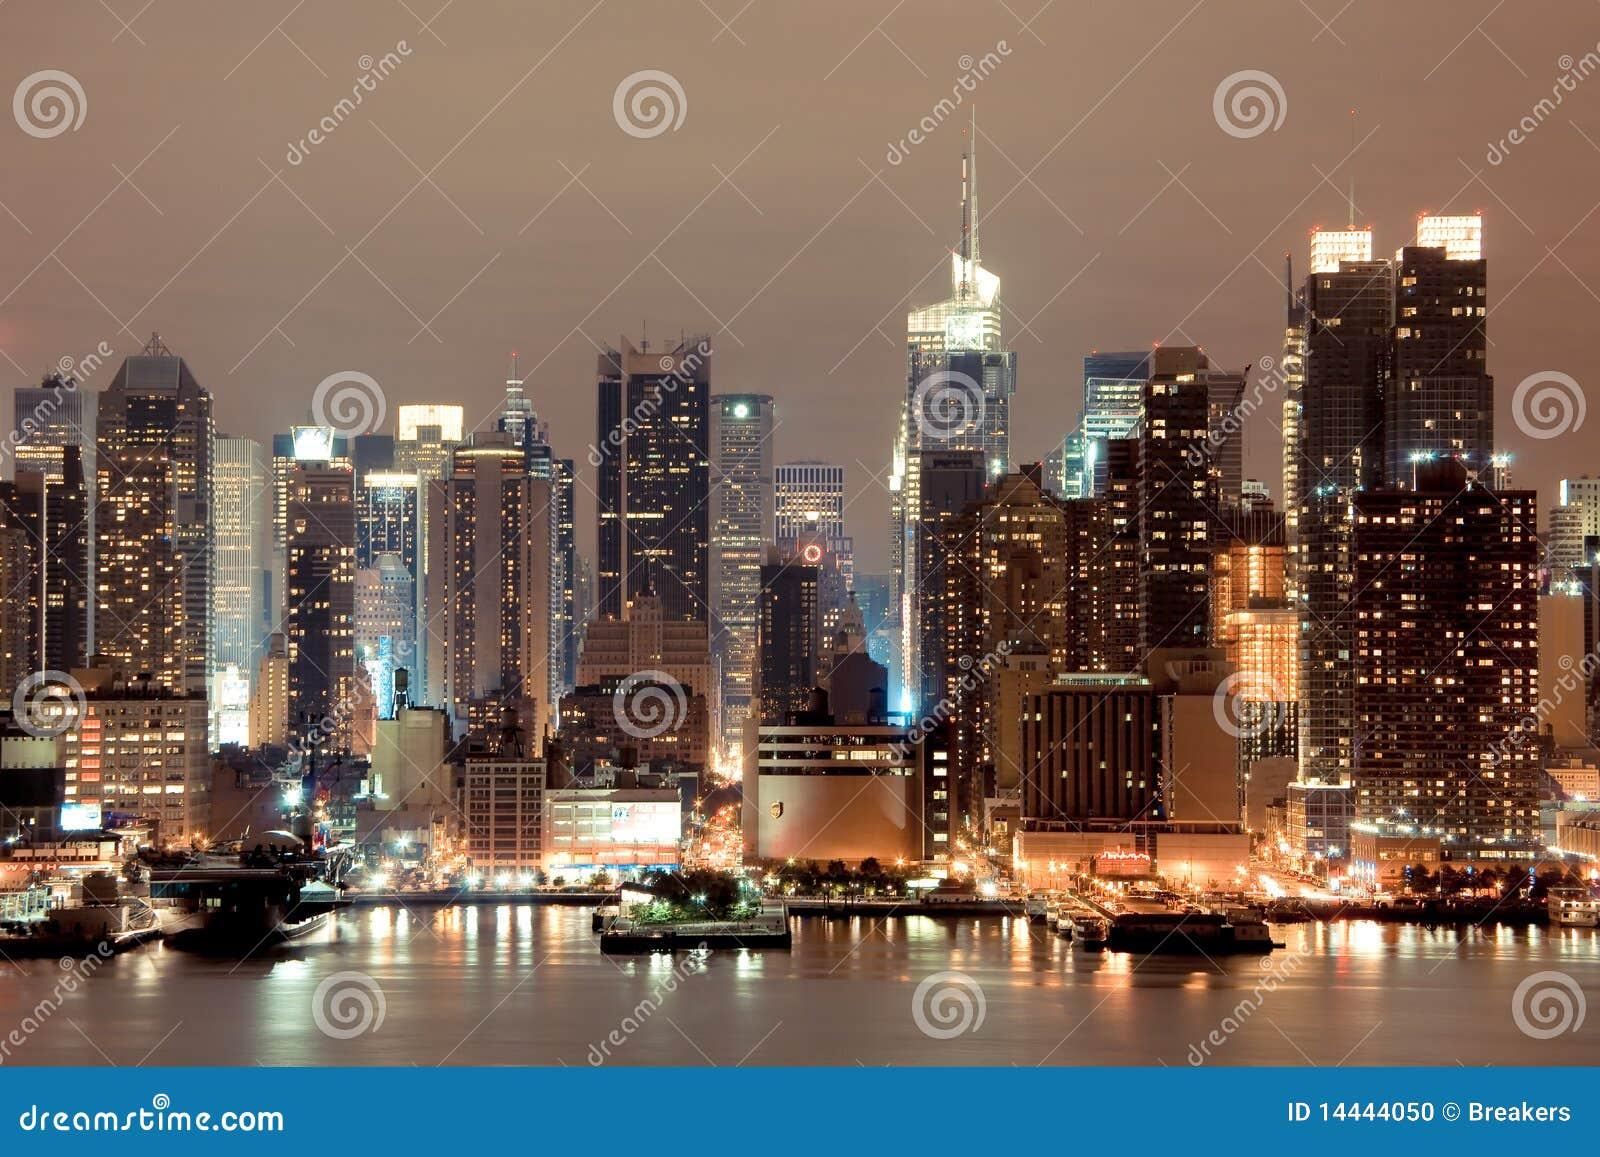 New york manhattan alla notte immagine editoriale for Foto new york notte